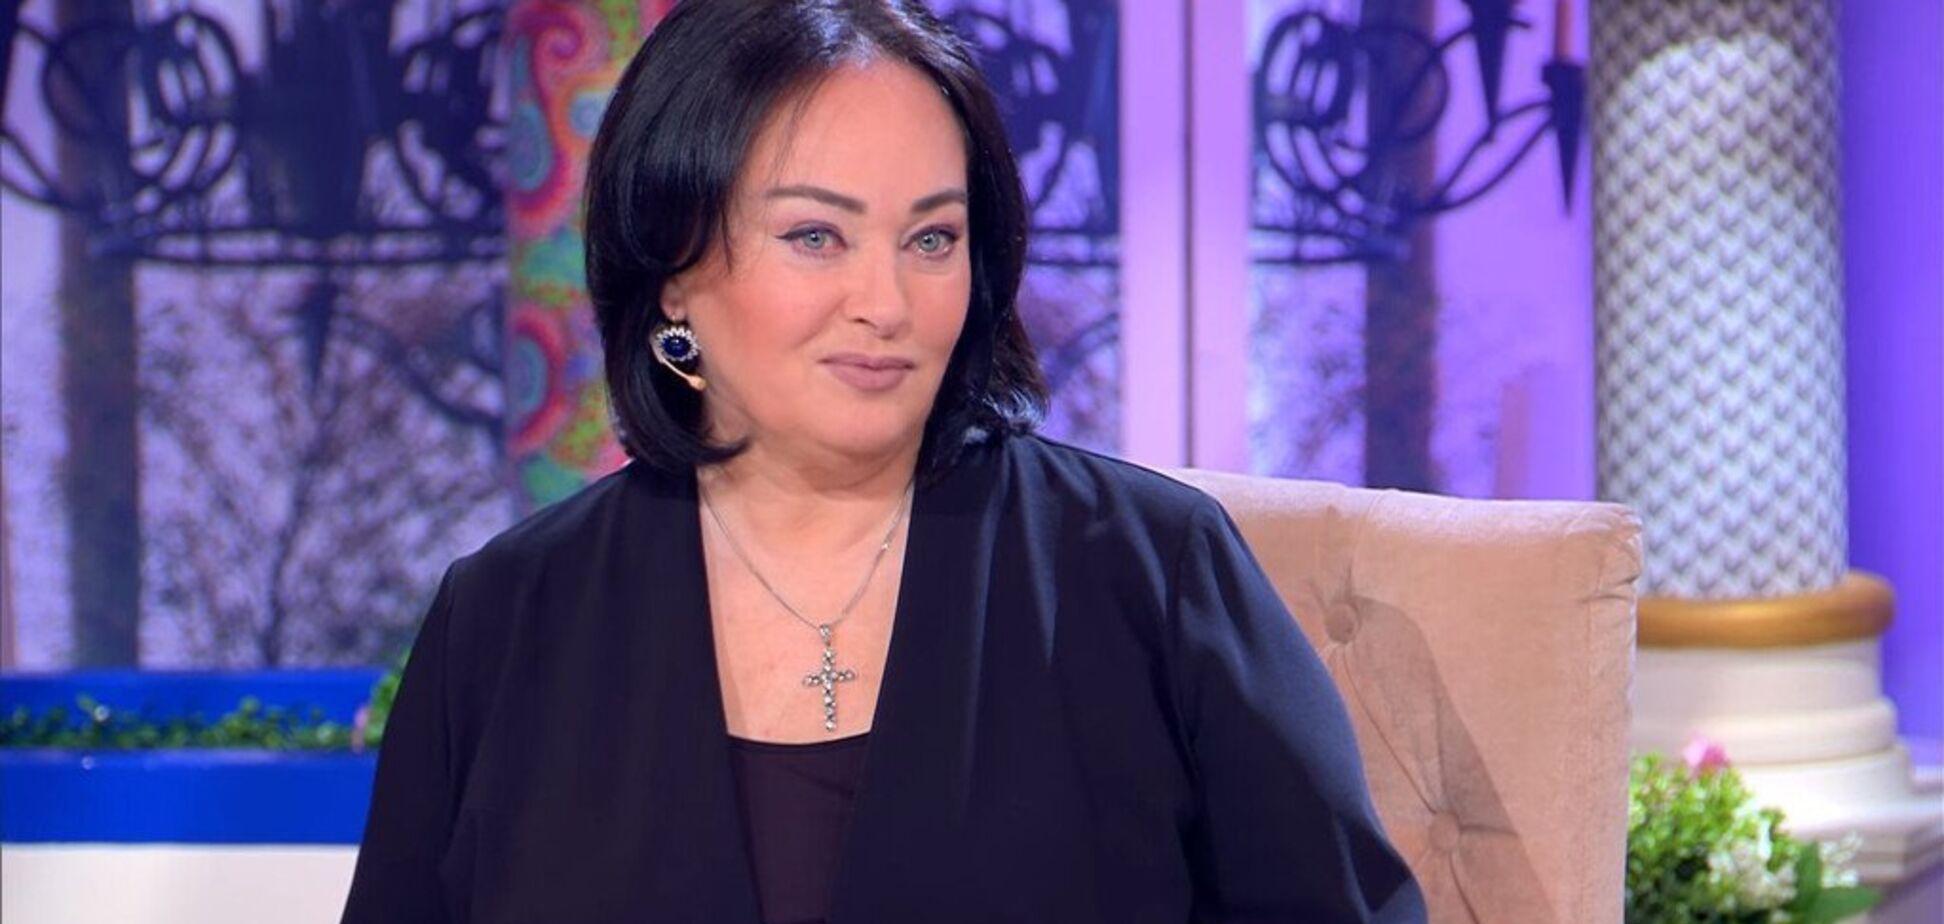 Гарик Харламов показал позорище с 'Люсей' из 'Давай поженимся'